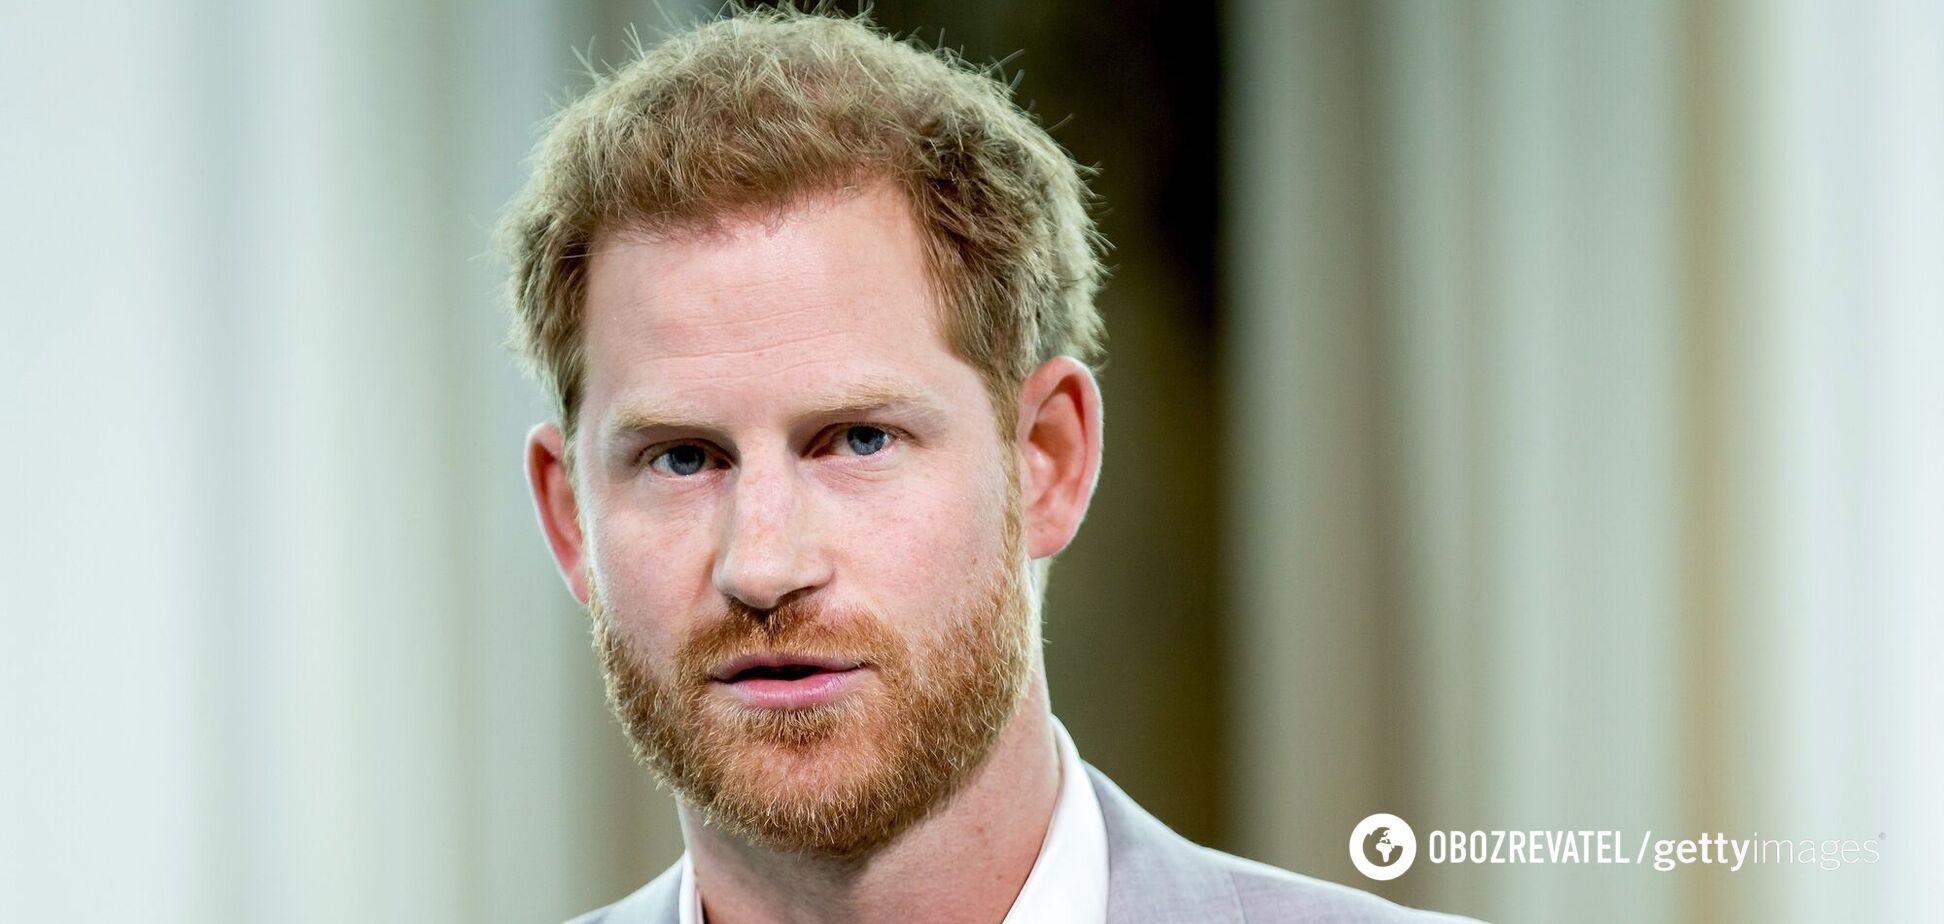 Принц Гарри может облысеть к 50 годам